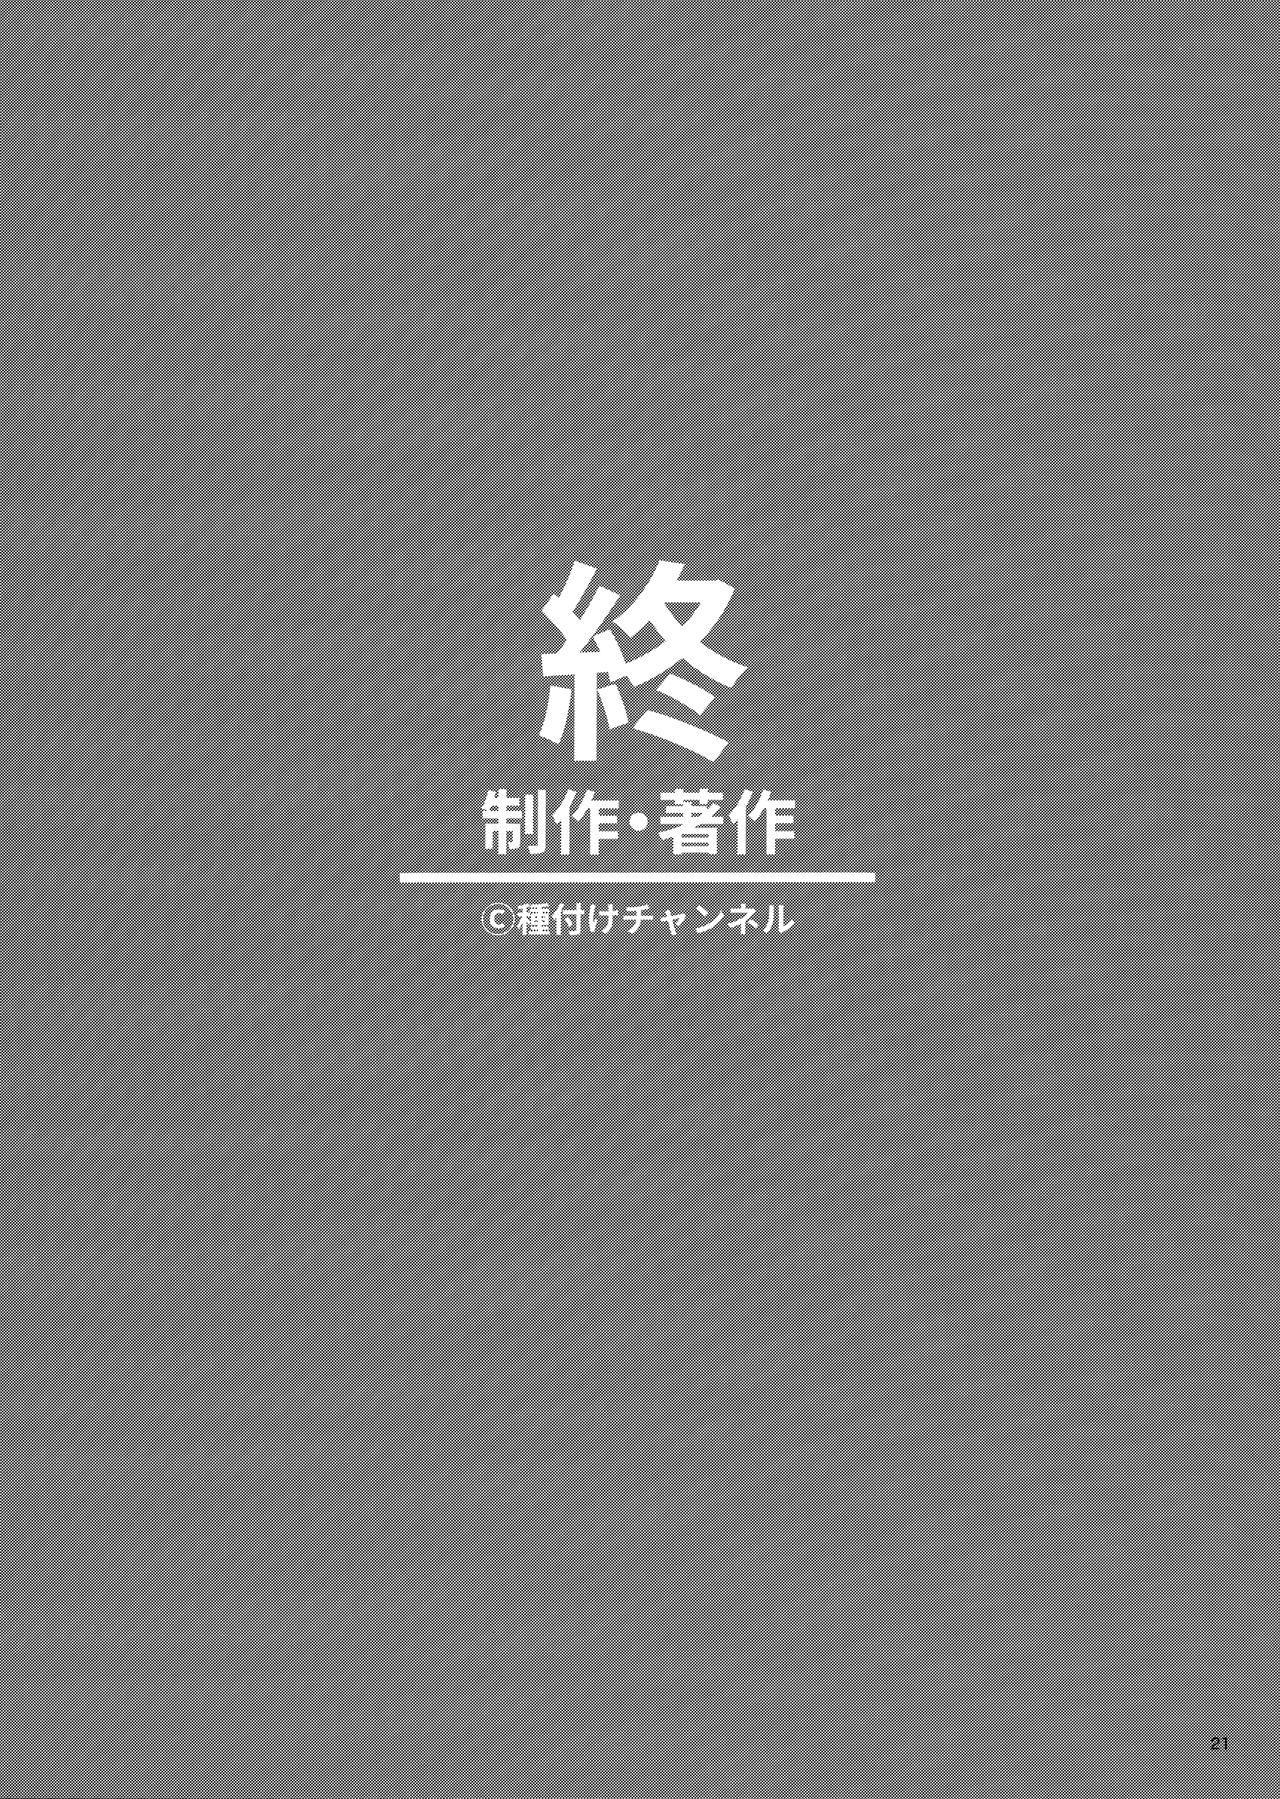 Totokira Gakuen Nama Honban SP | Totokira Academy Live Raw and Uncut SP 19